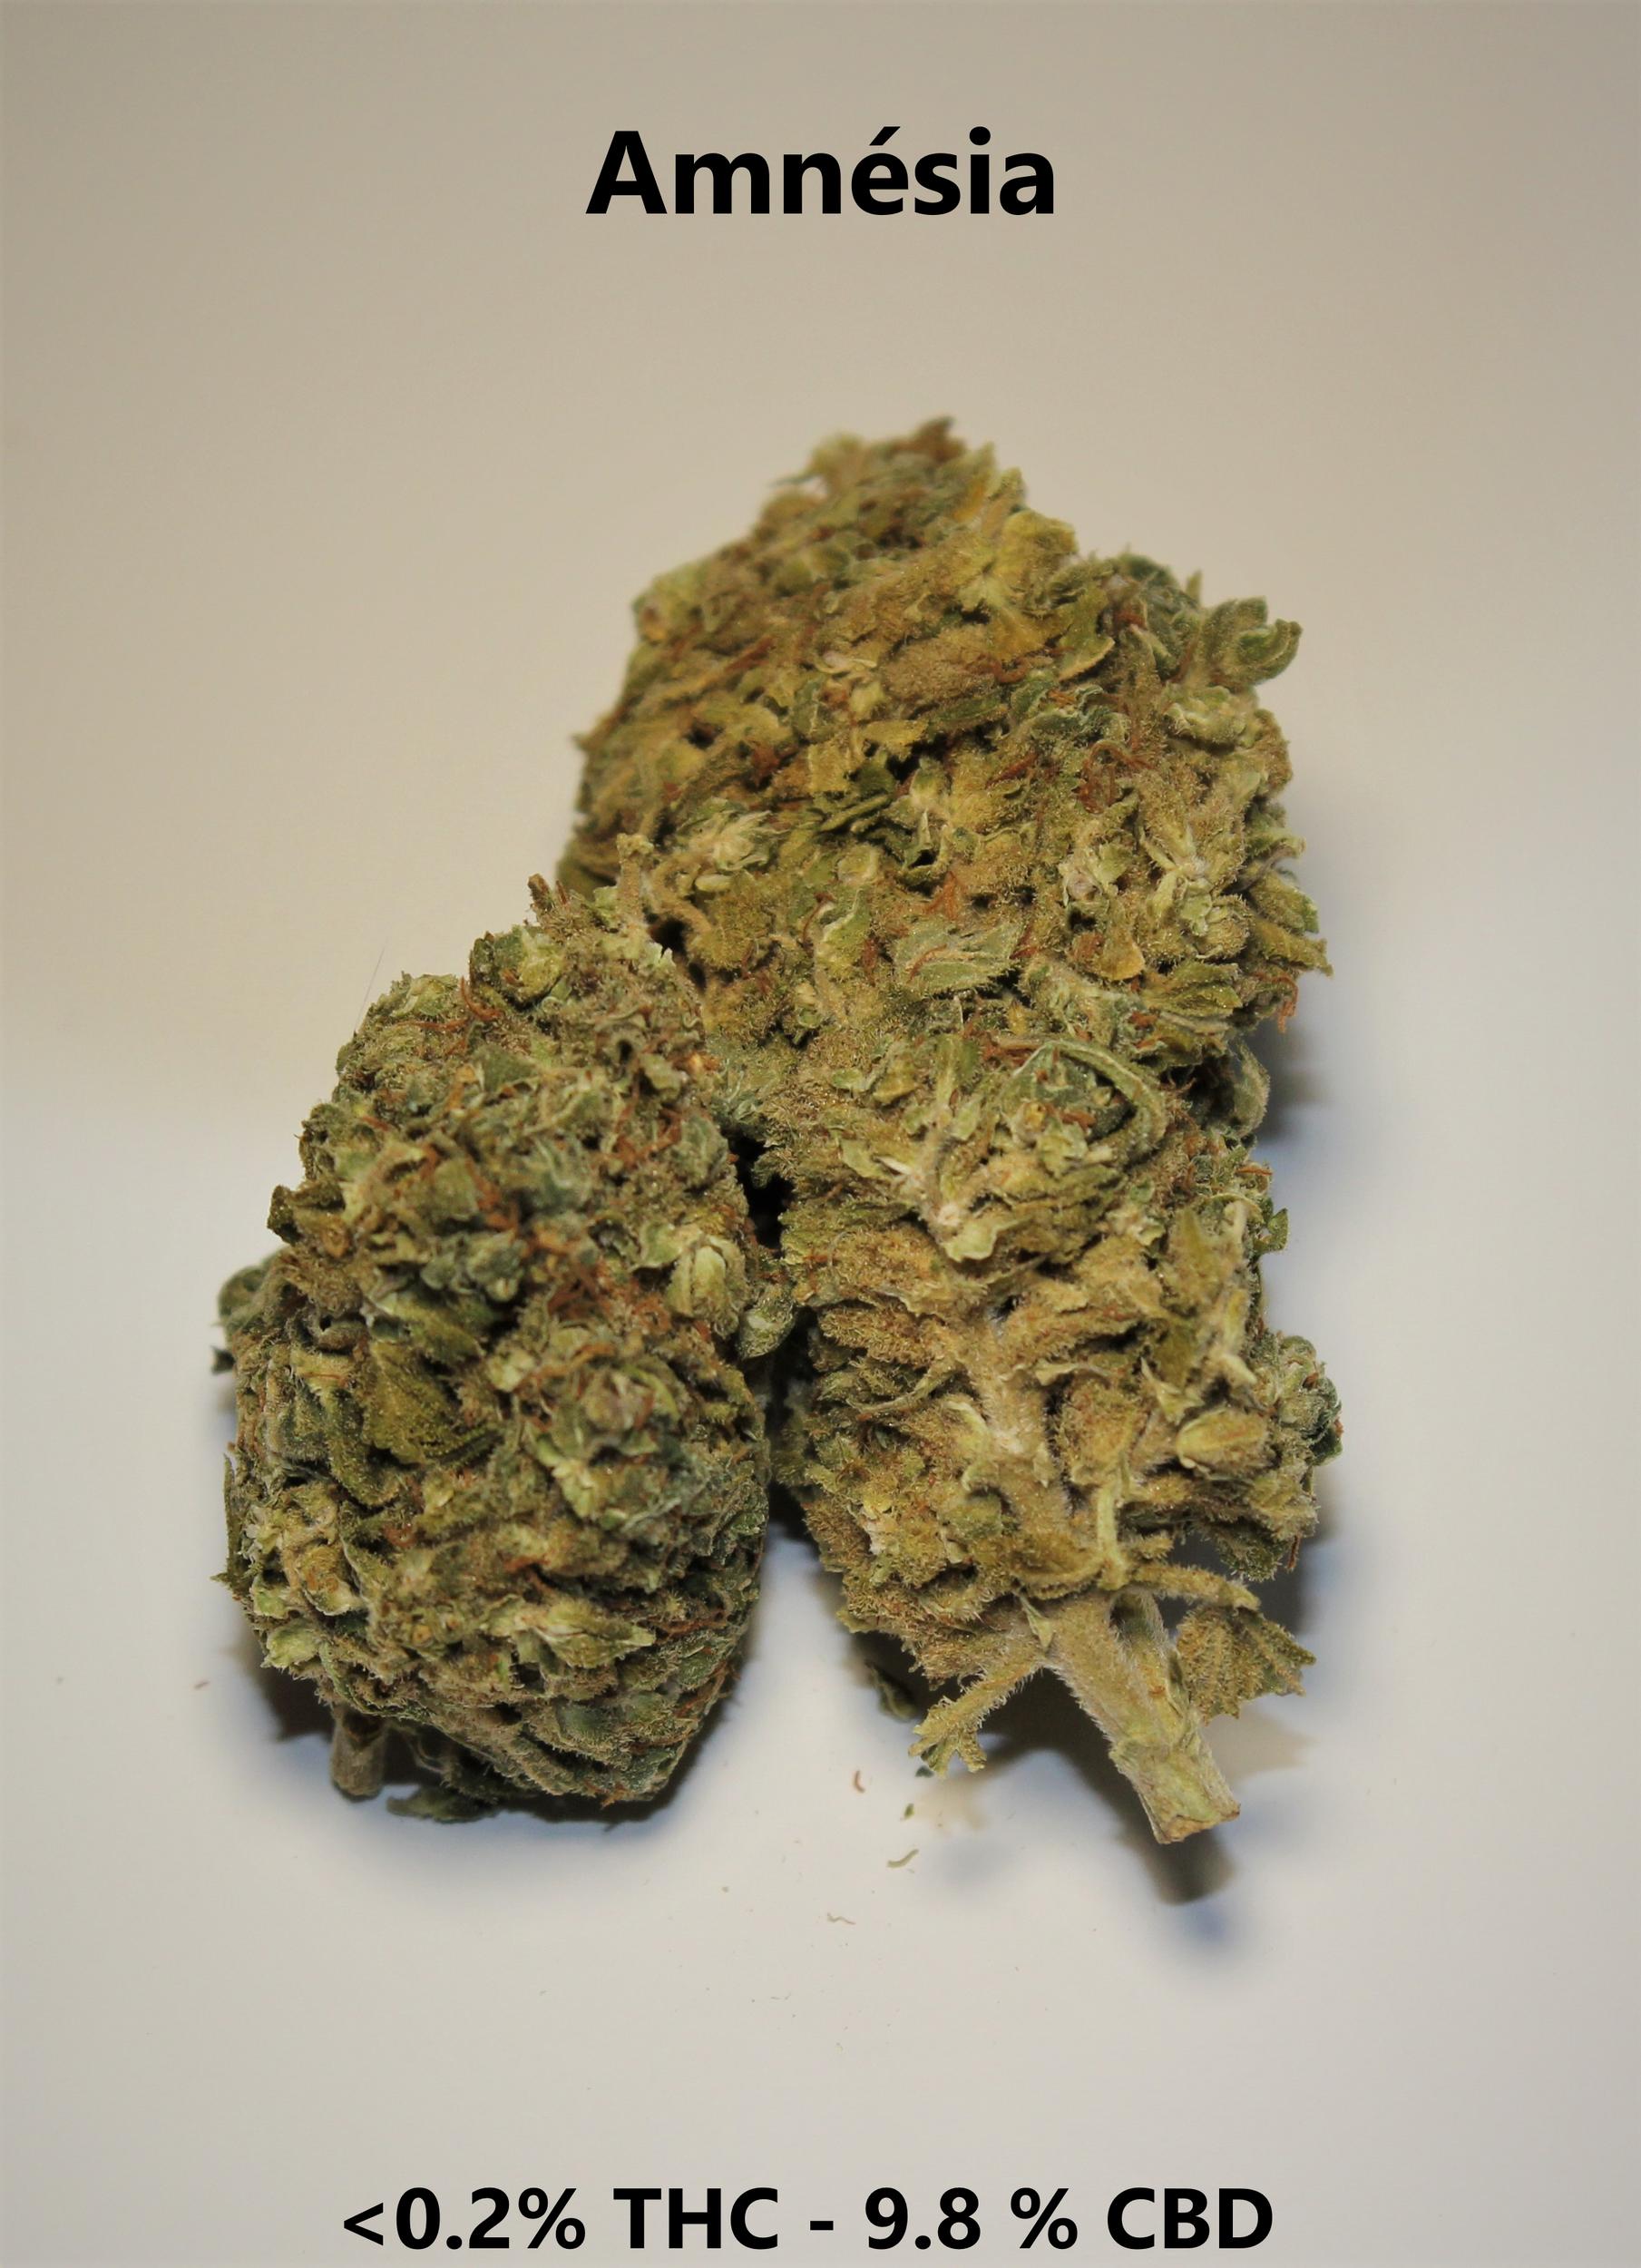 Amnésia - <0.2% THC / 9.8% CBD